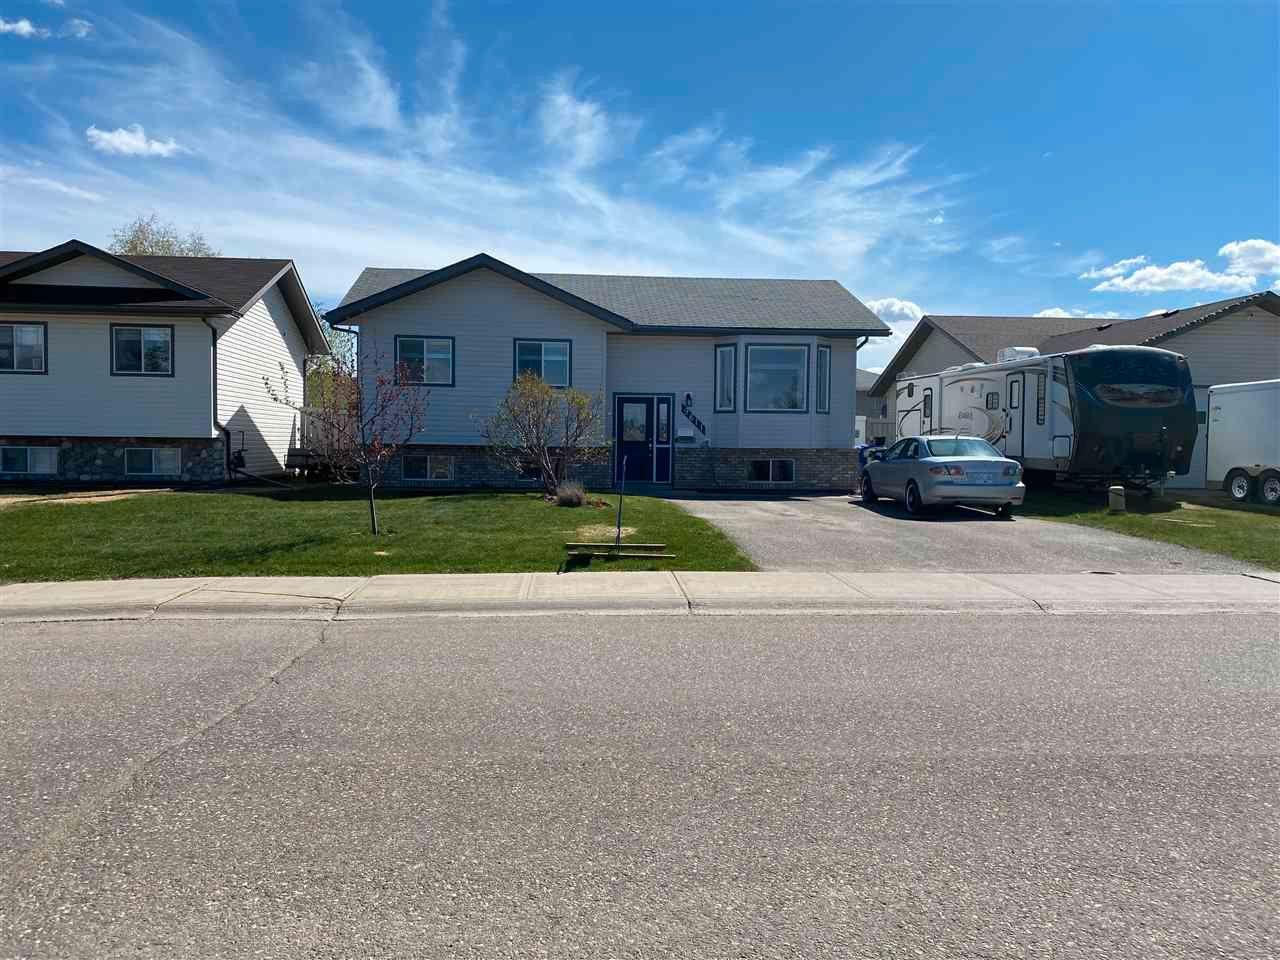 Main Photo: 9611 114A Avenue in Fort St. John: Fort St. John - City NE House for sale (Fort St. John (Zone 60))  : MLS®# R2539498